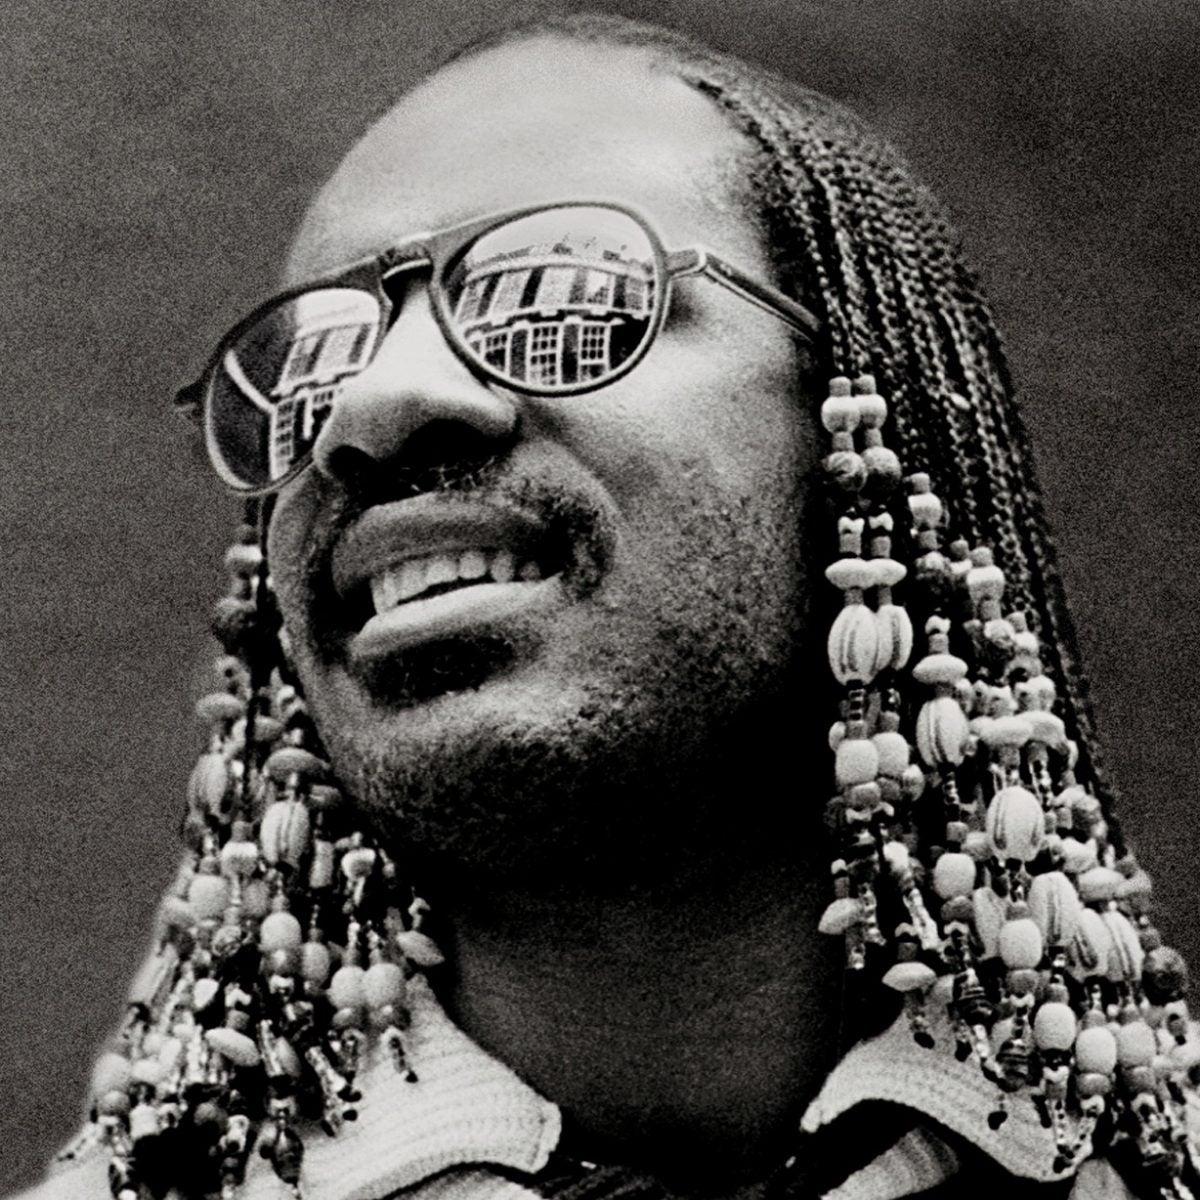 Stevie Wonder: Happy Birthday To Ya